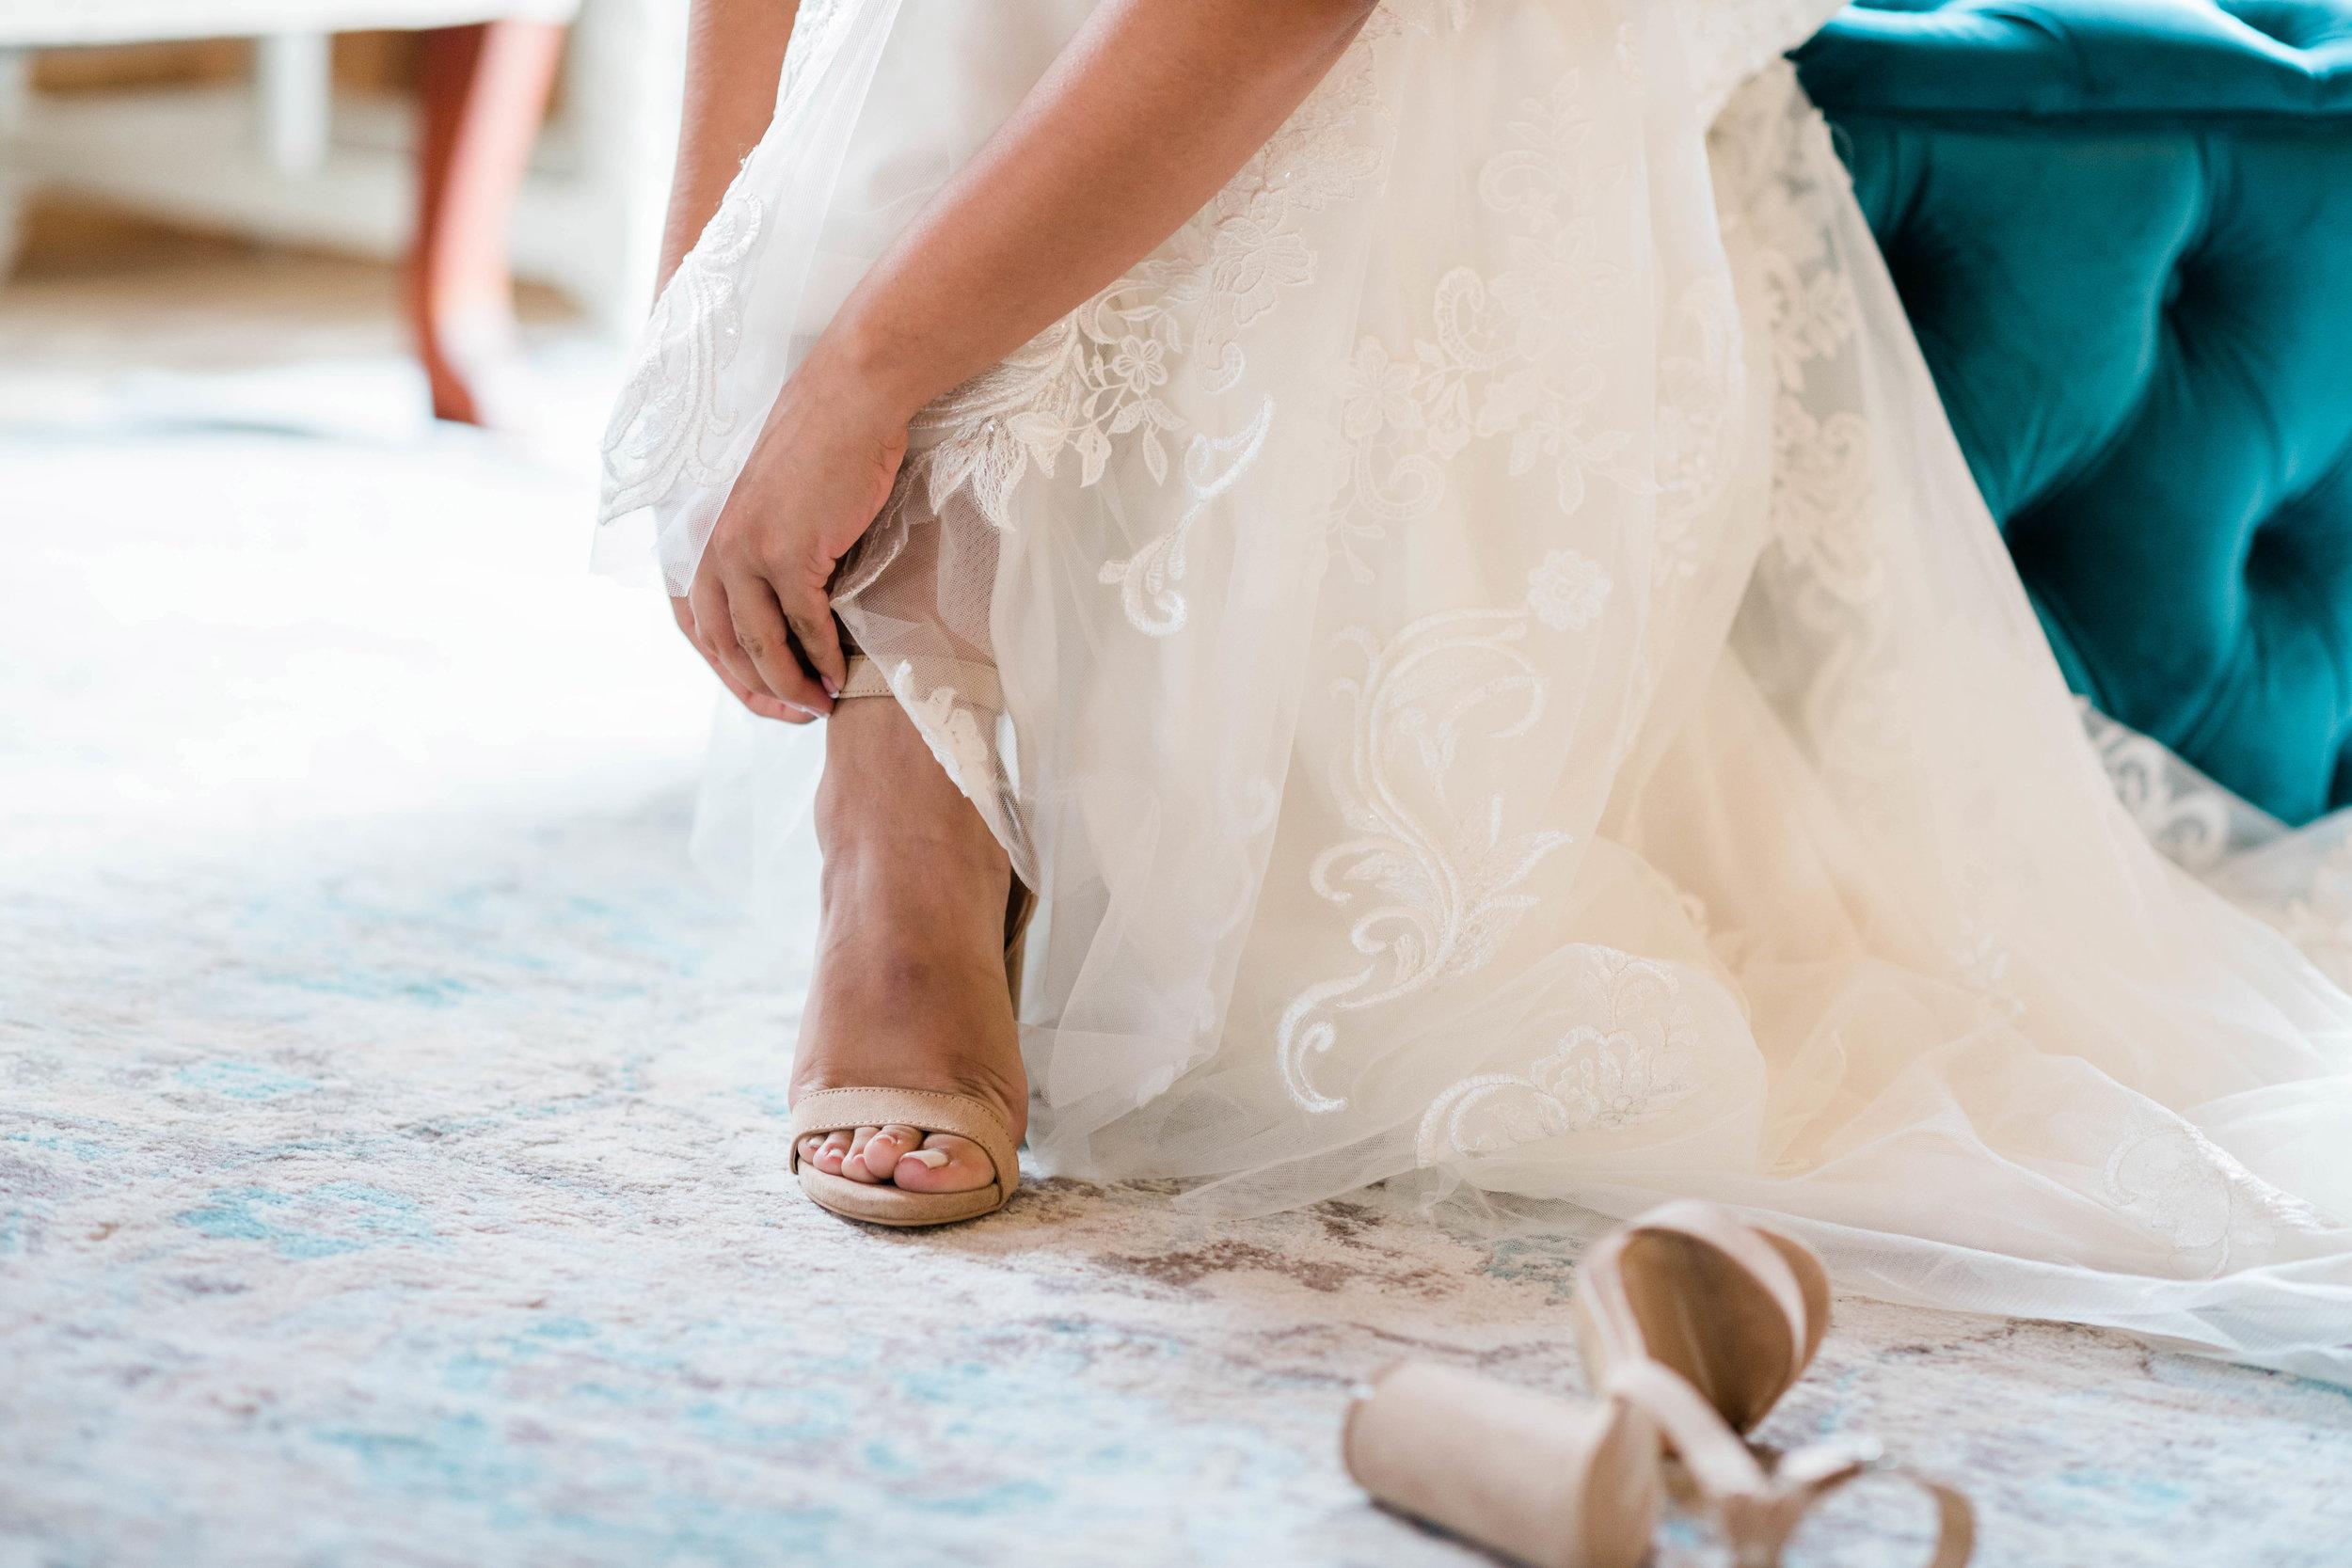 Bride fastening her shoe strap